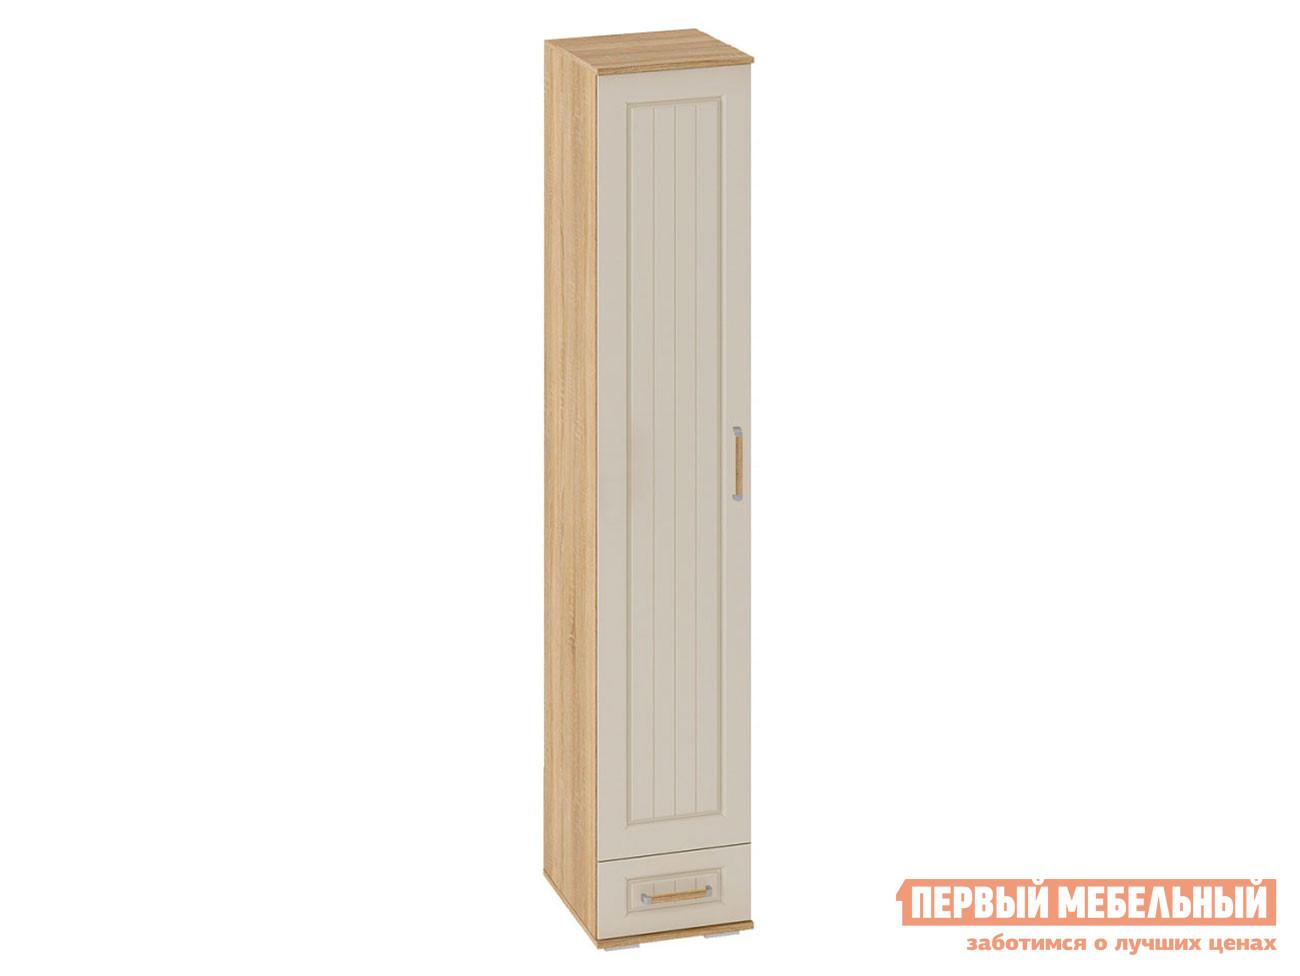 Шкаф-пенал Первый Мебельный Пенал Маркиза шкаф пенал первый мебельный пенал британика